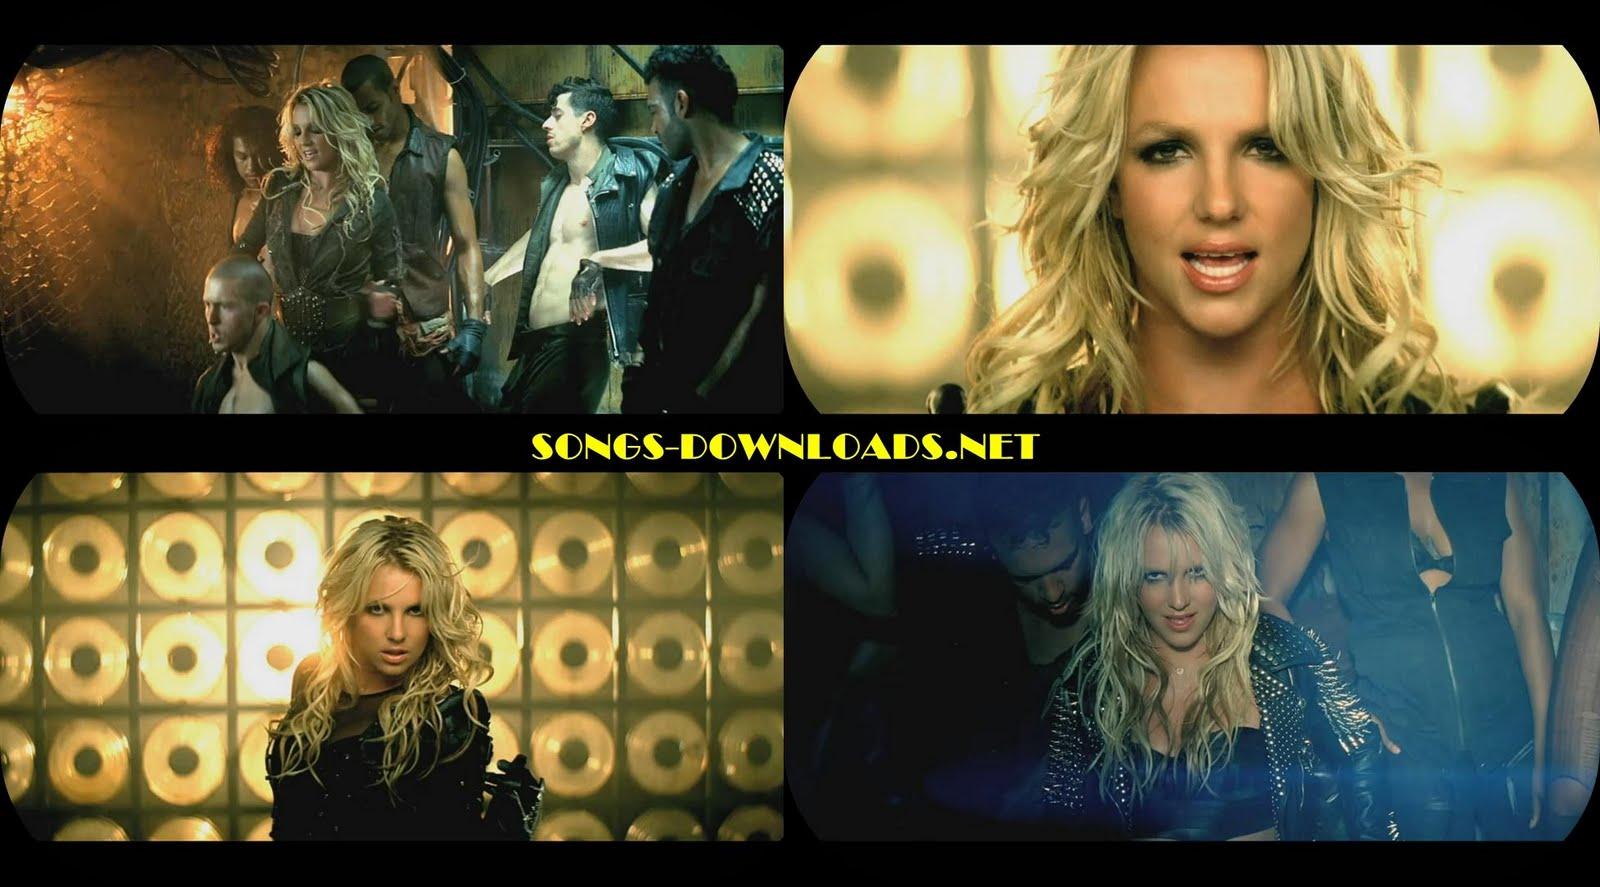 http://4.bp.blogspot.com/-ZLPhA5o1ZXI/TclrRY40DII/AAAAAAAAA9k/j9ZqD5csyeU/s1600/Till%2BThe%2BWorld%2BEnds-Britney%2BSpears%25252Cdownlad%2Blatest%2Benglish%2Bvideo%2Bsongs%2Bdownload%25252C%2Bfree%2Benglish%2Bsongs%2Bdownload%2Bbritney%2Bsong%2BTill%2BThe%2BWorld%2BEnds-Britney%2BSpears.jpg